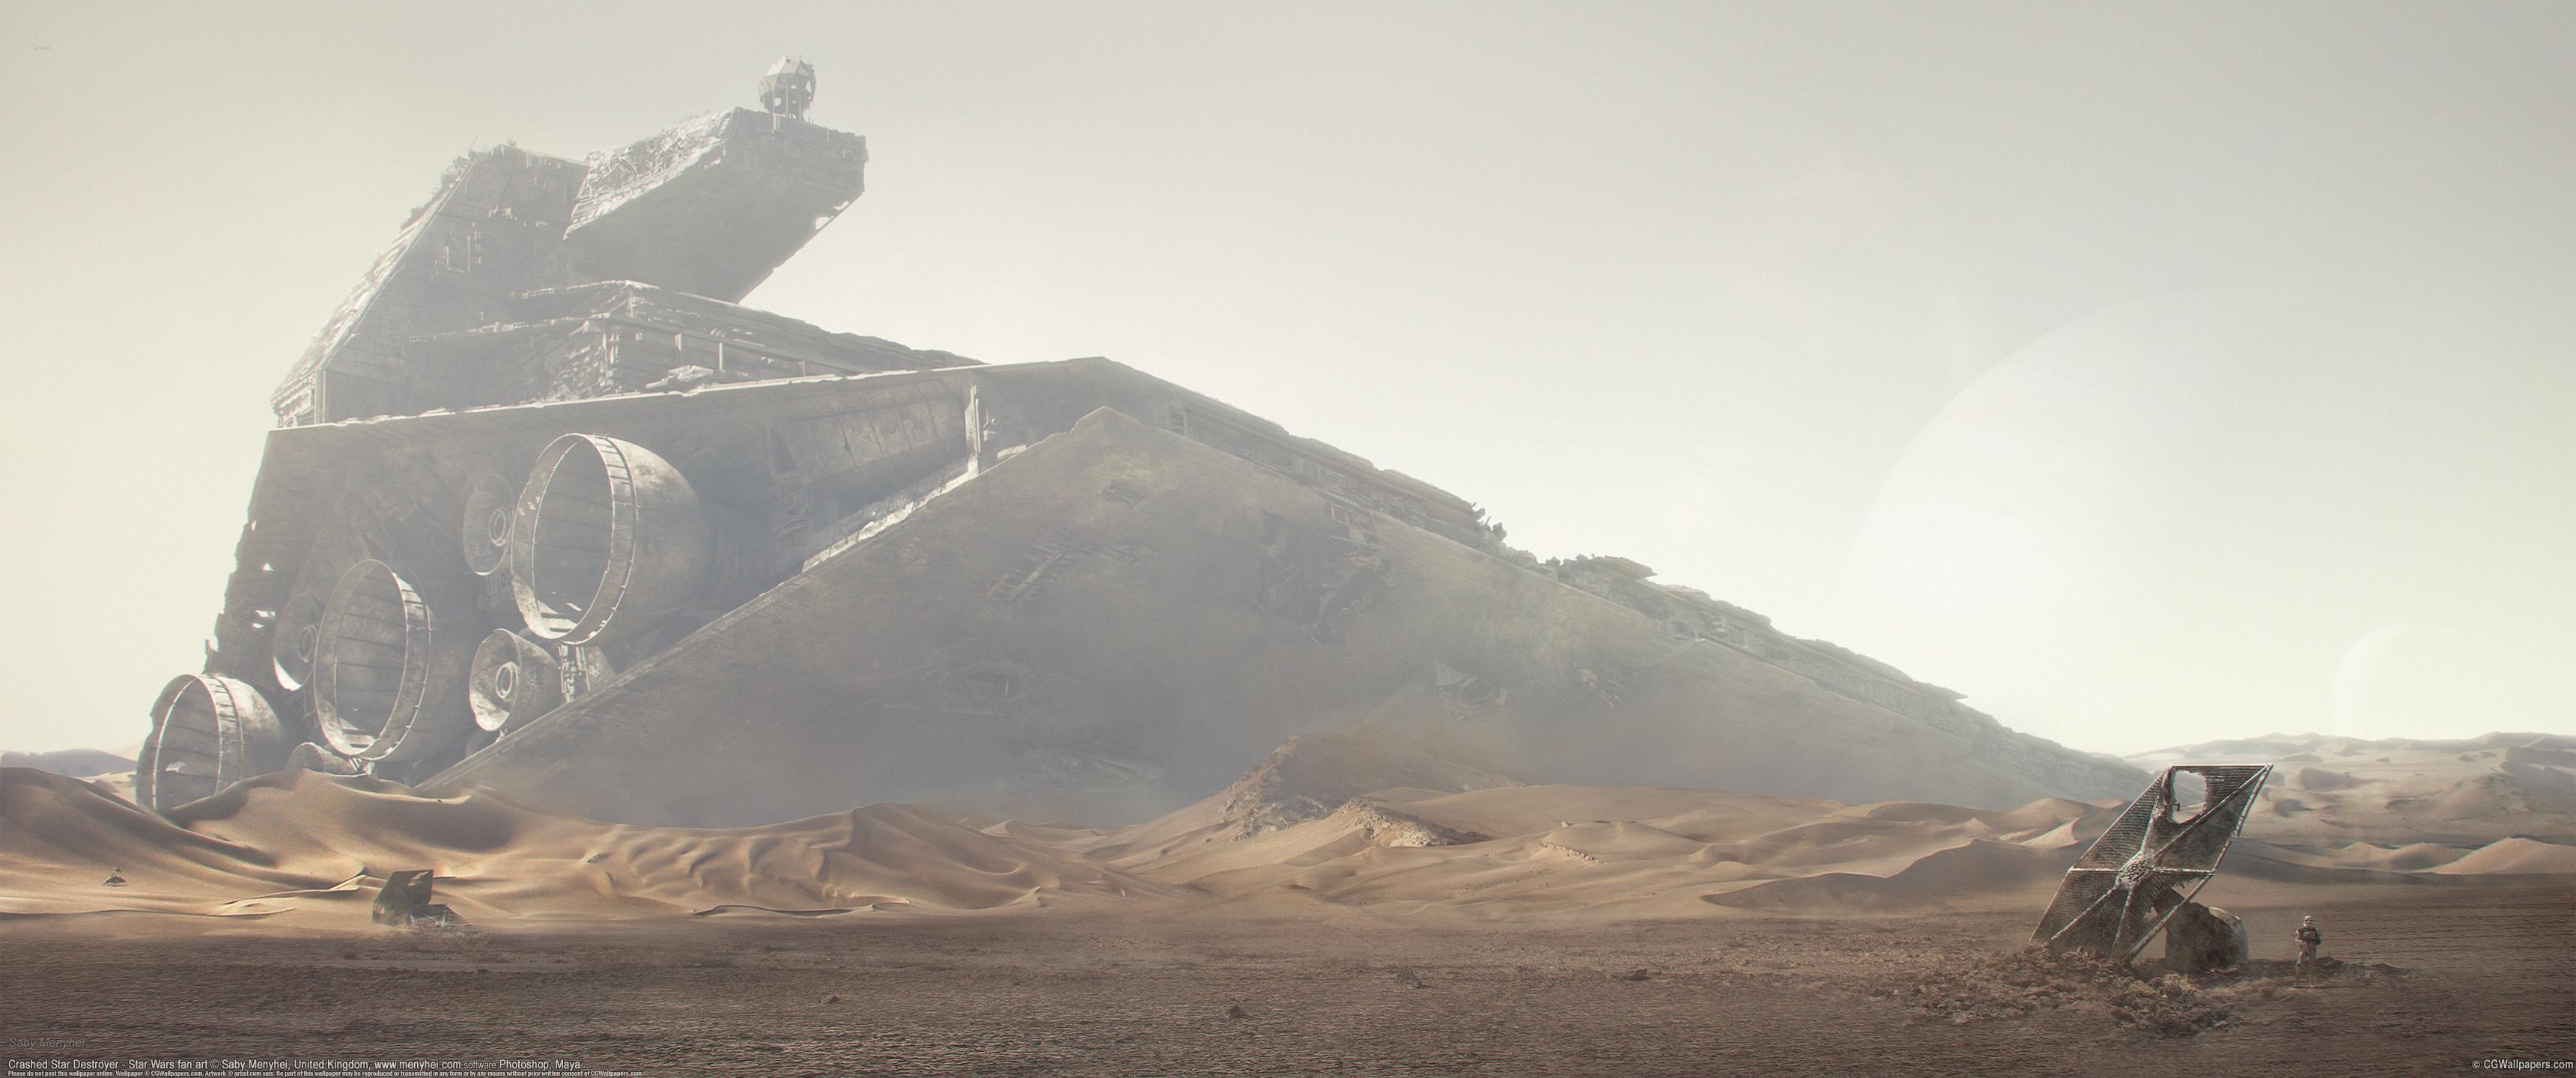 General 3440x1440 Star Wars Star Destroyer landscape artwork desert shipwreck